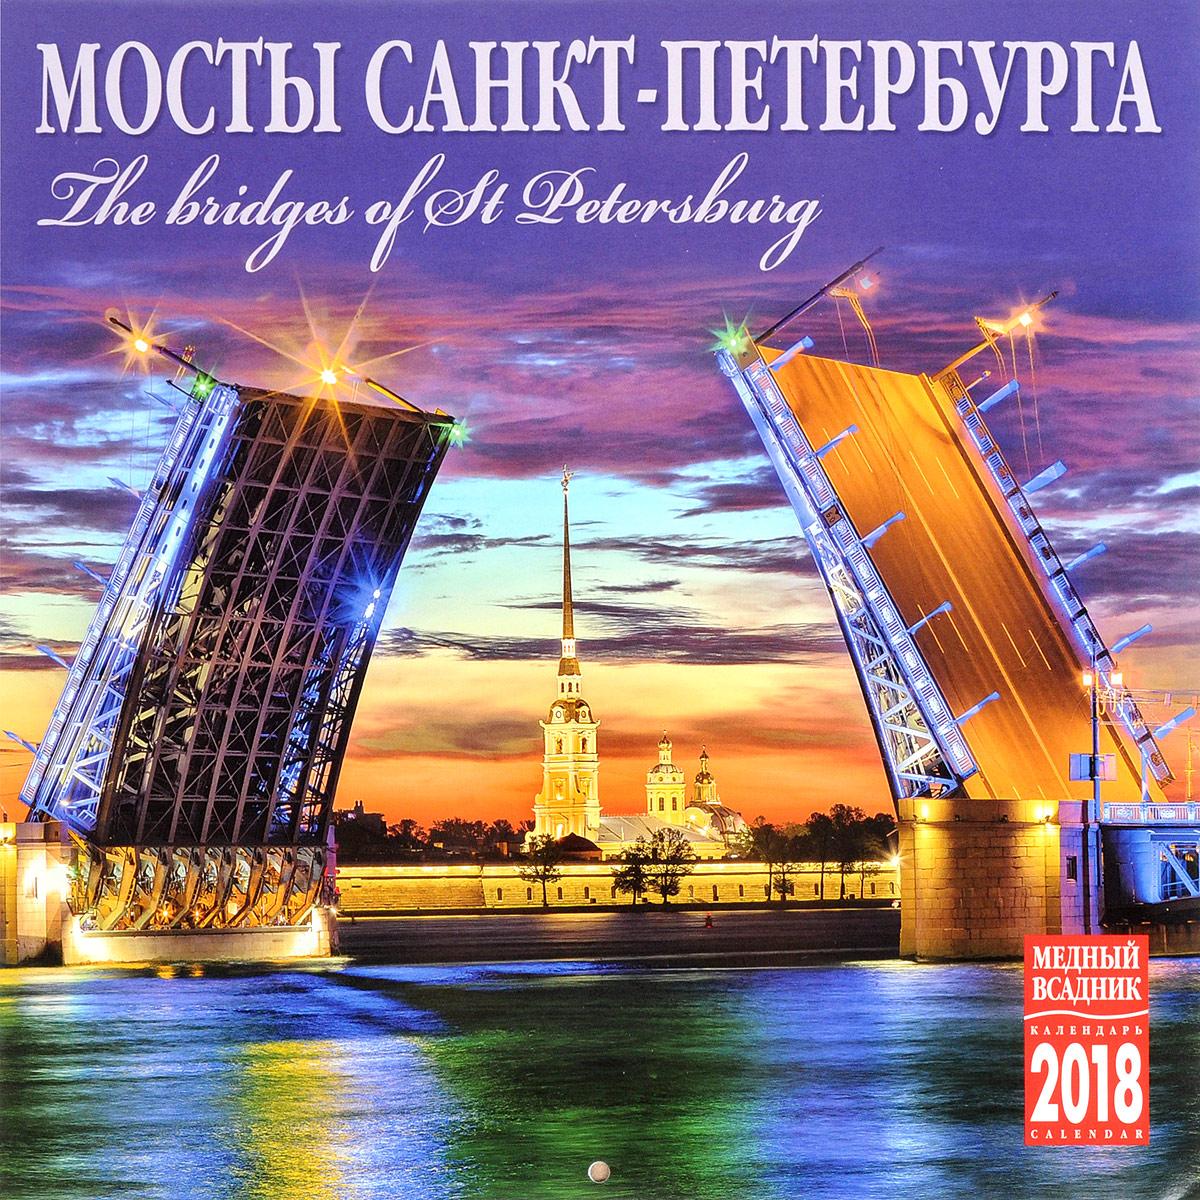 Календарь 2018 (на скрепке). Мосты Санкт-Петербурга календарь на скрепке яркий город 2017г окрестности санкт петербурга 29 28 5см